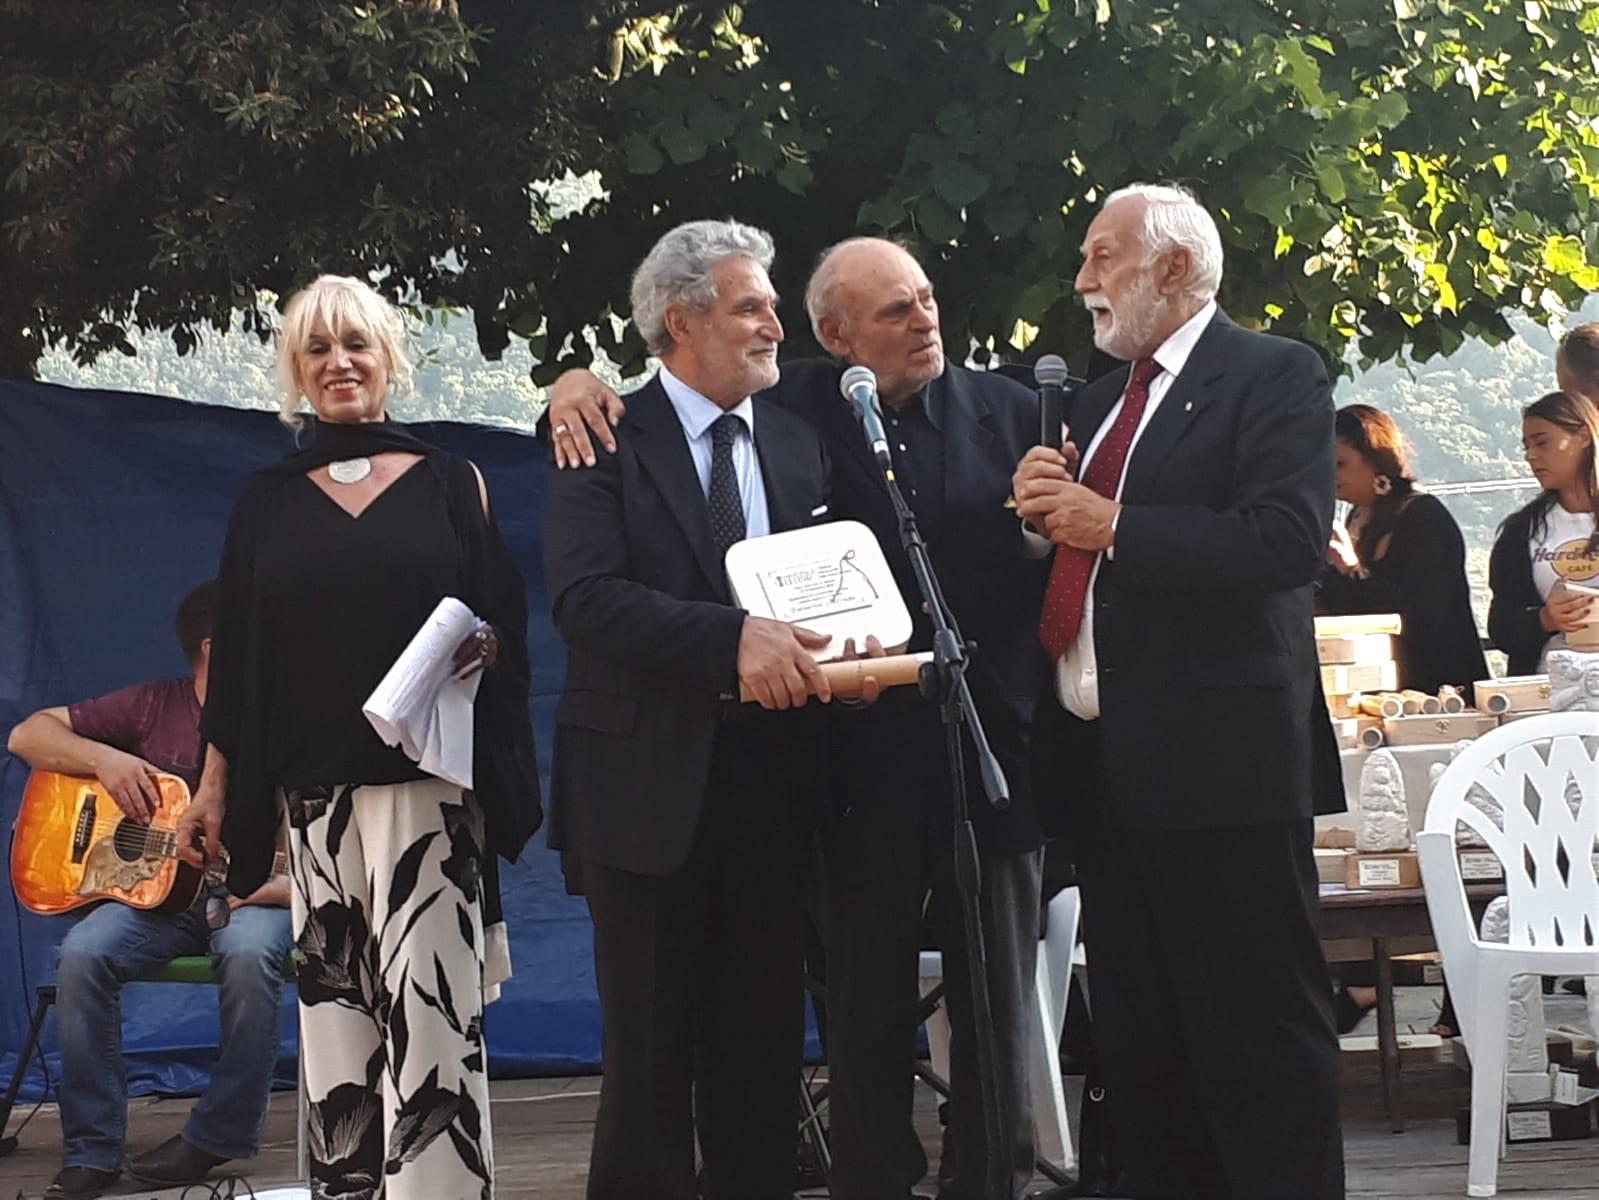 PALMERINI PREMIATO PER L'ATTIVITÀ SULLA STAMPA ITALIANA ALL'ESTERO